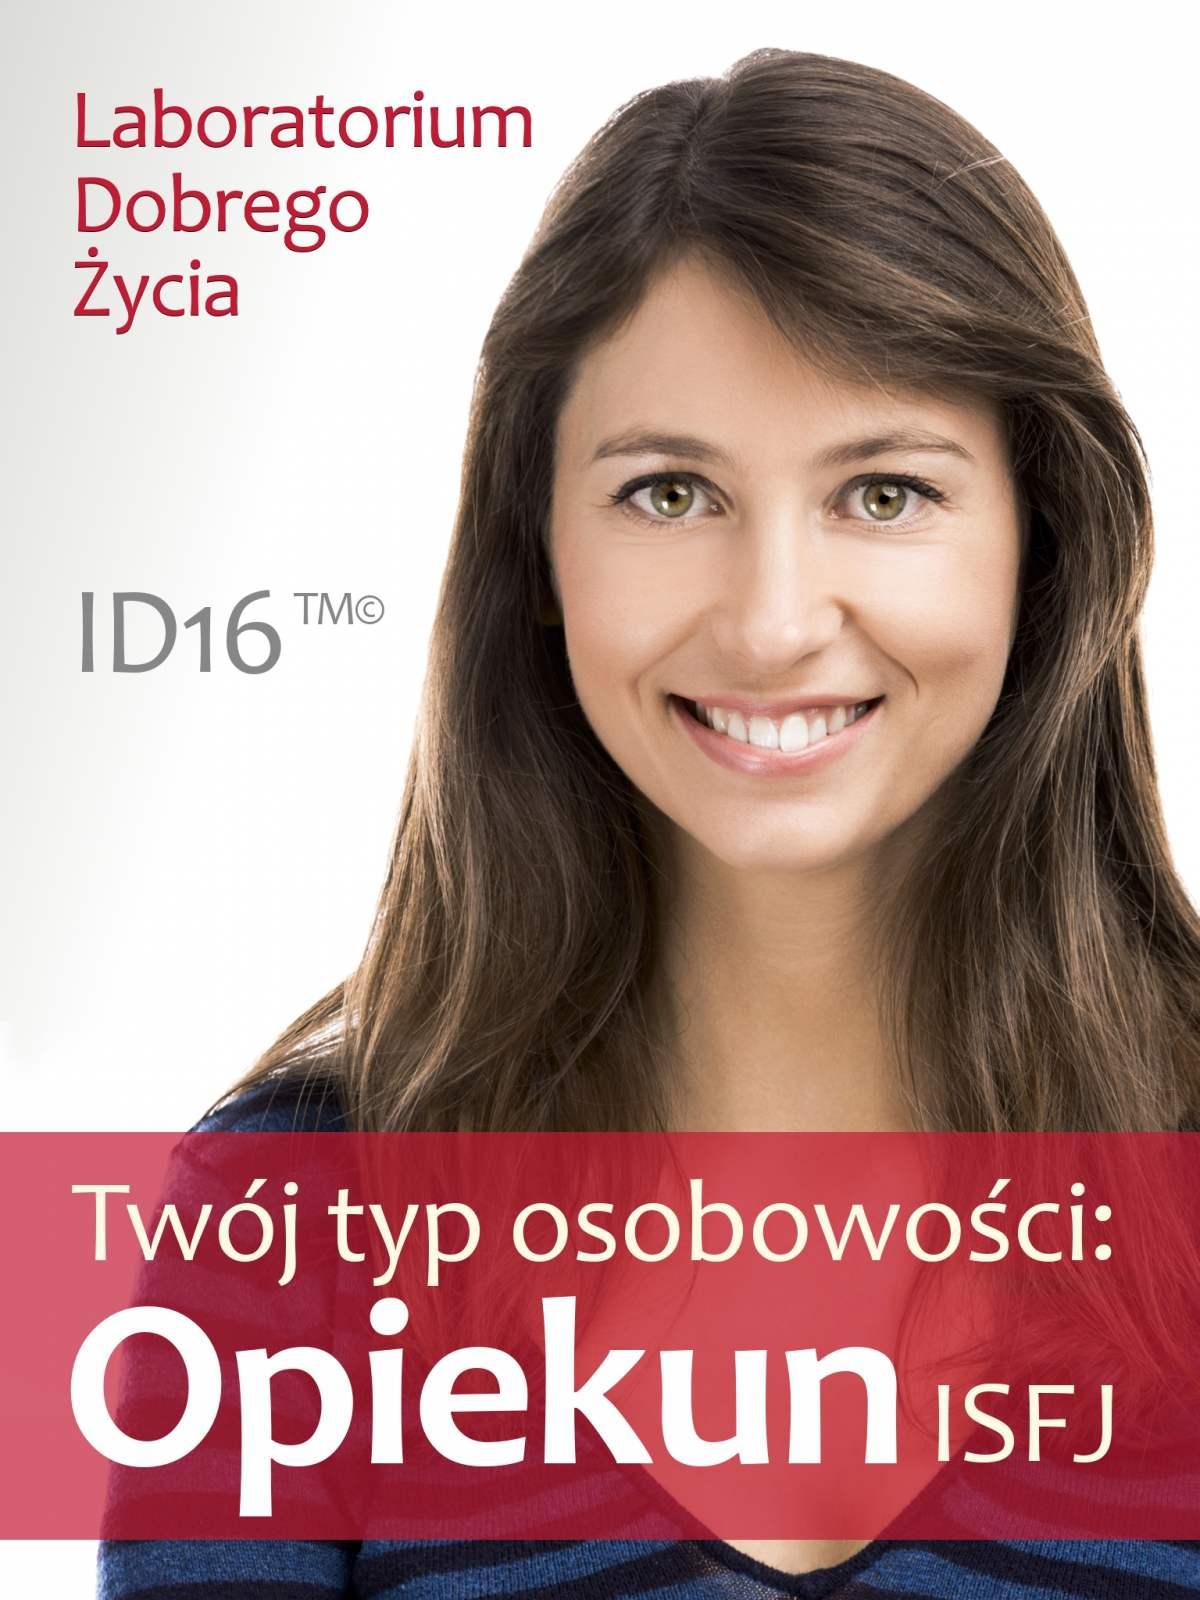 Twój typ osobowości: Opiekun (ISFJ) - Ebook (Książka na Kindle) do pobrania w formacie MOBI